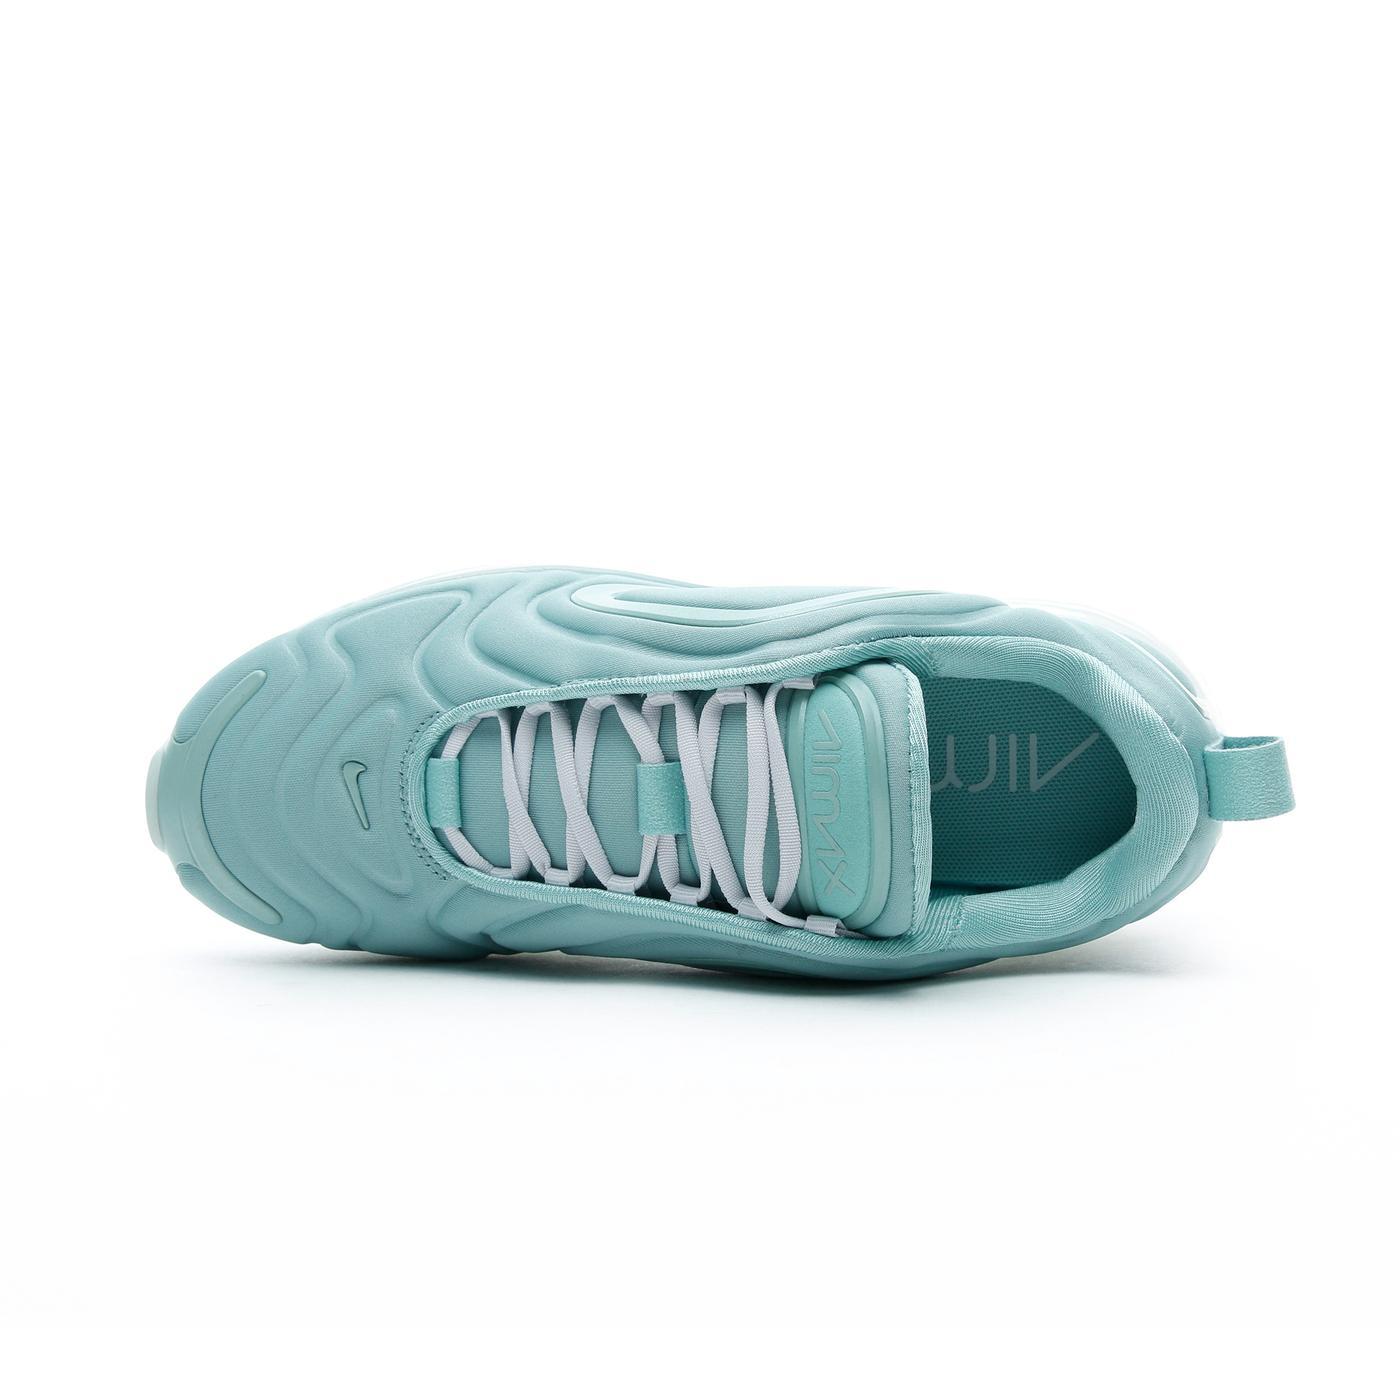 Nike Air Max 720 SE Mavi Kadın Spor Ayakkabı